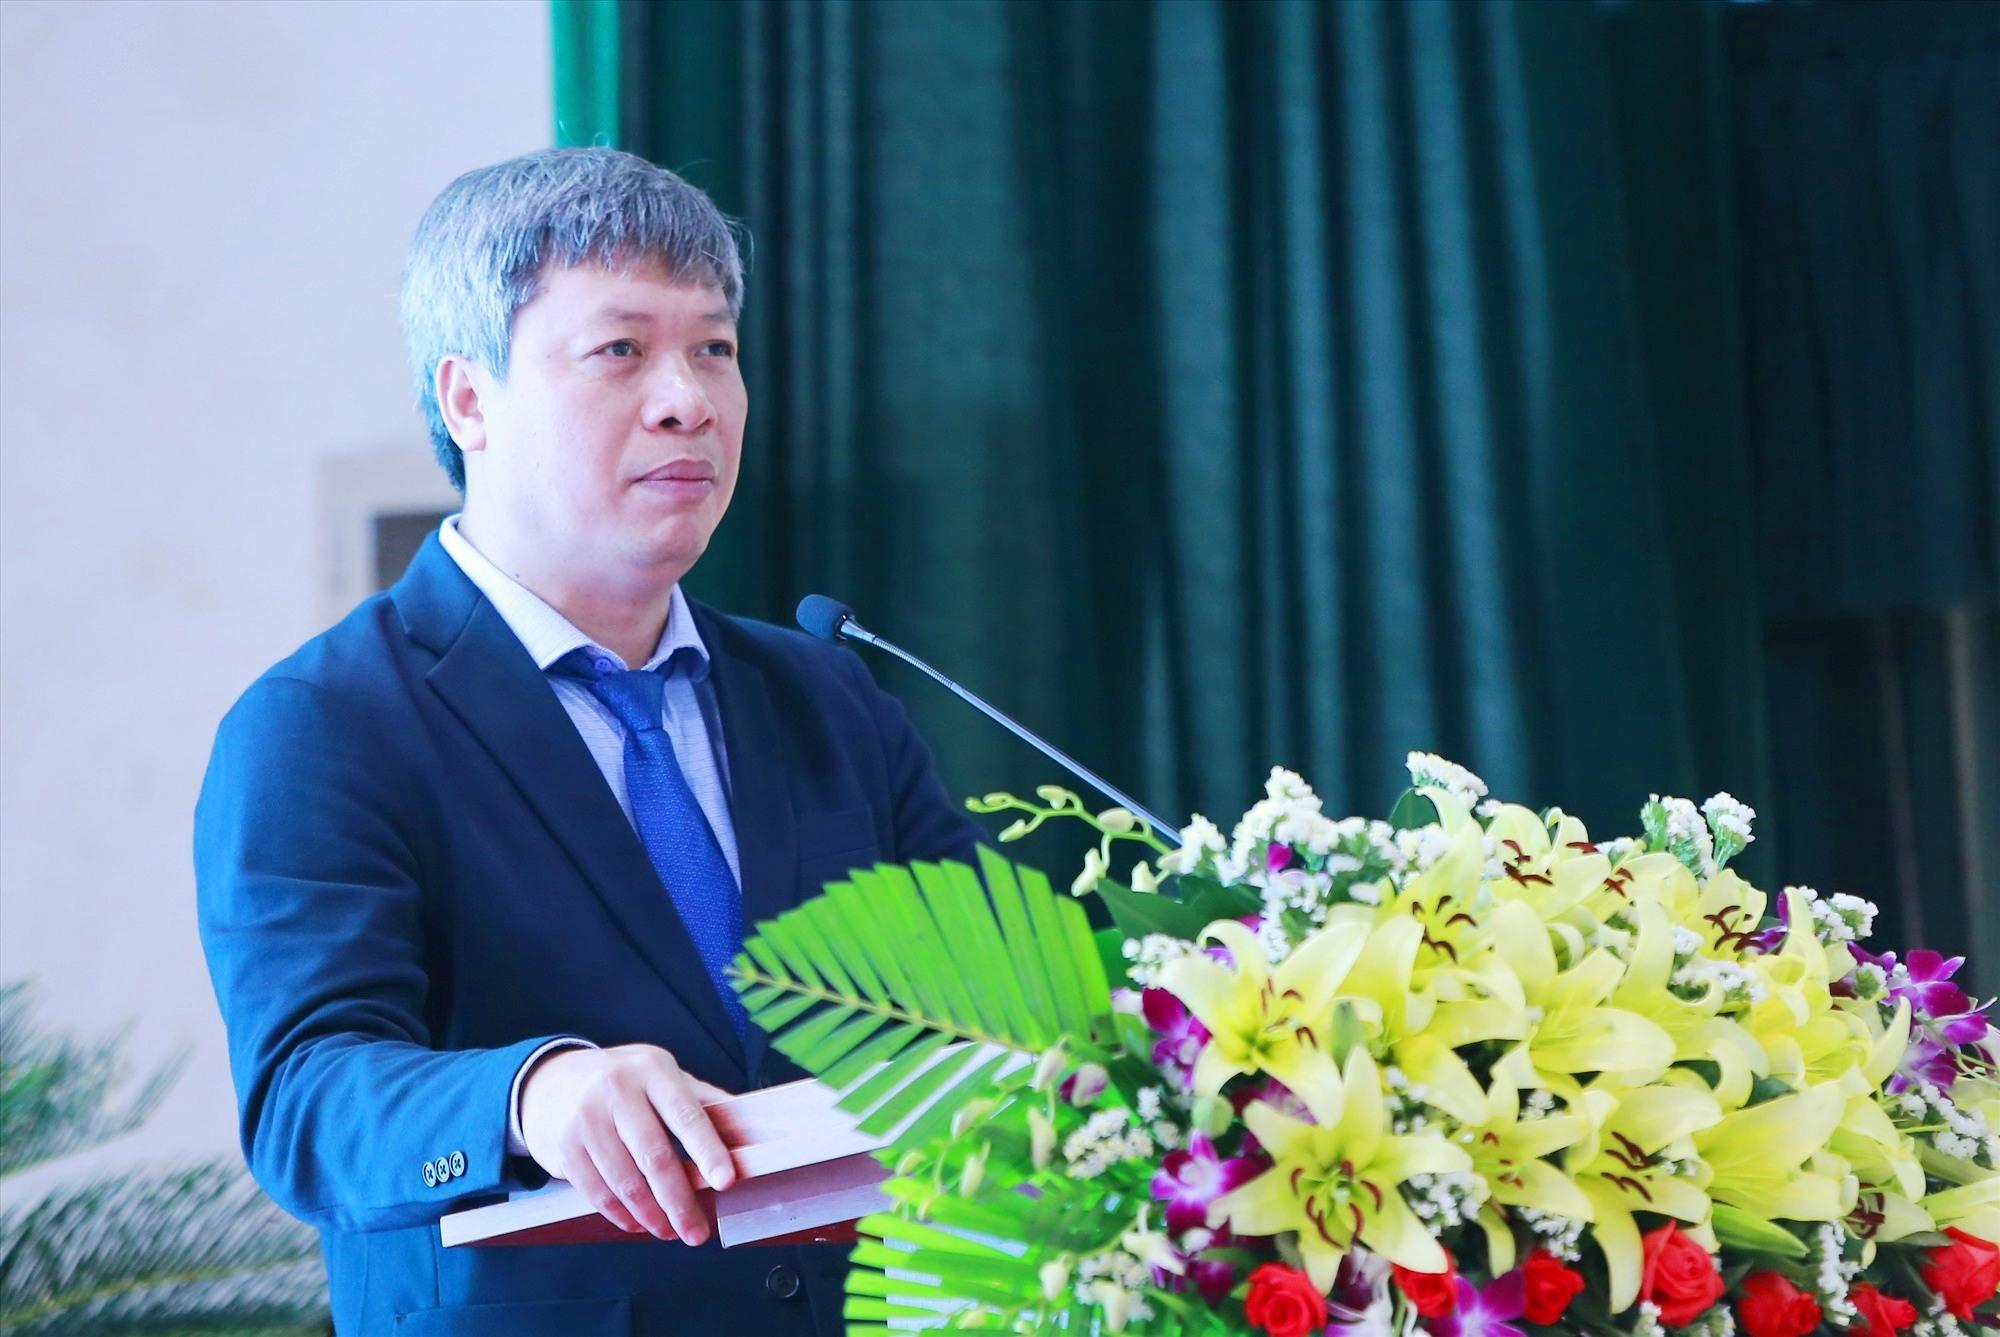 Phó Chủ tịch UBND tỉnh Hồ Quang Bửu phát biểu tại hội thảo. Ảnh: C.V